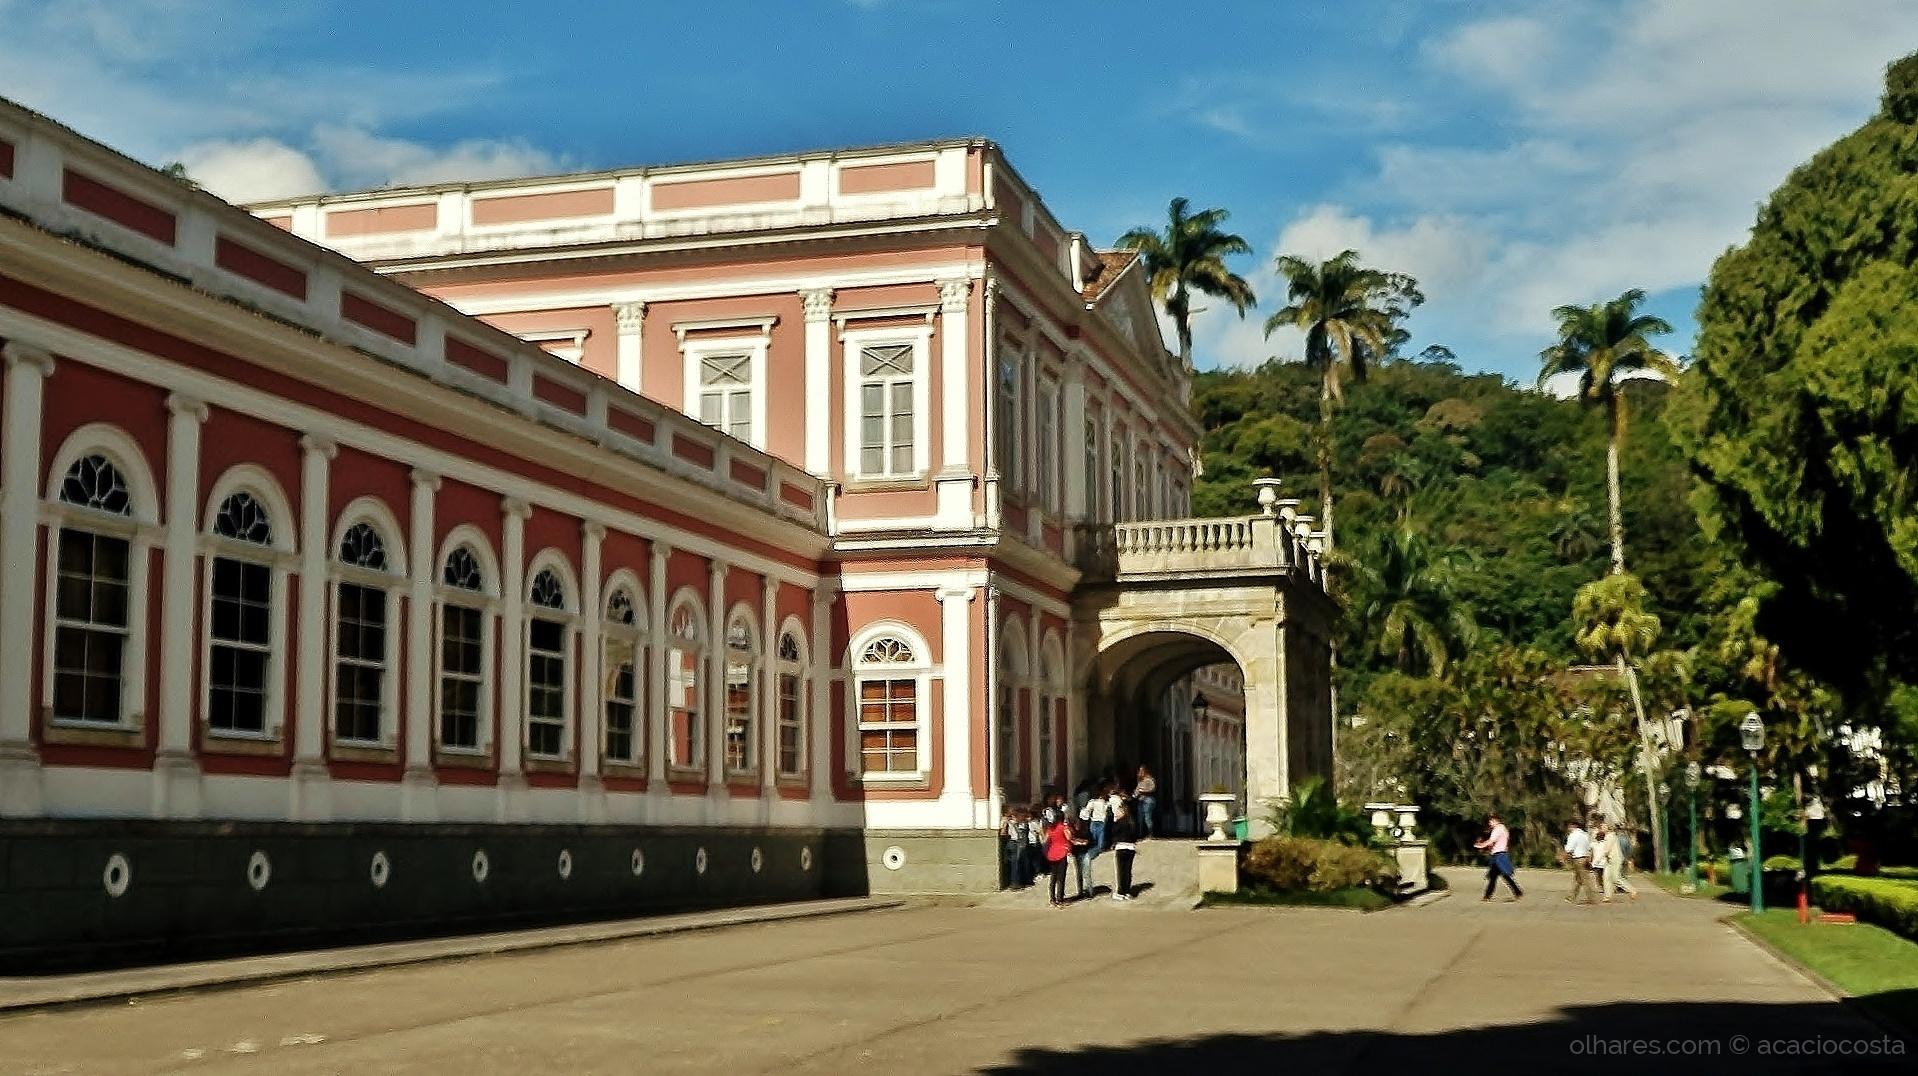 Paisagem Urbana/Palácio Imperial D. Pedro II - Petrópolis